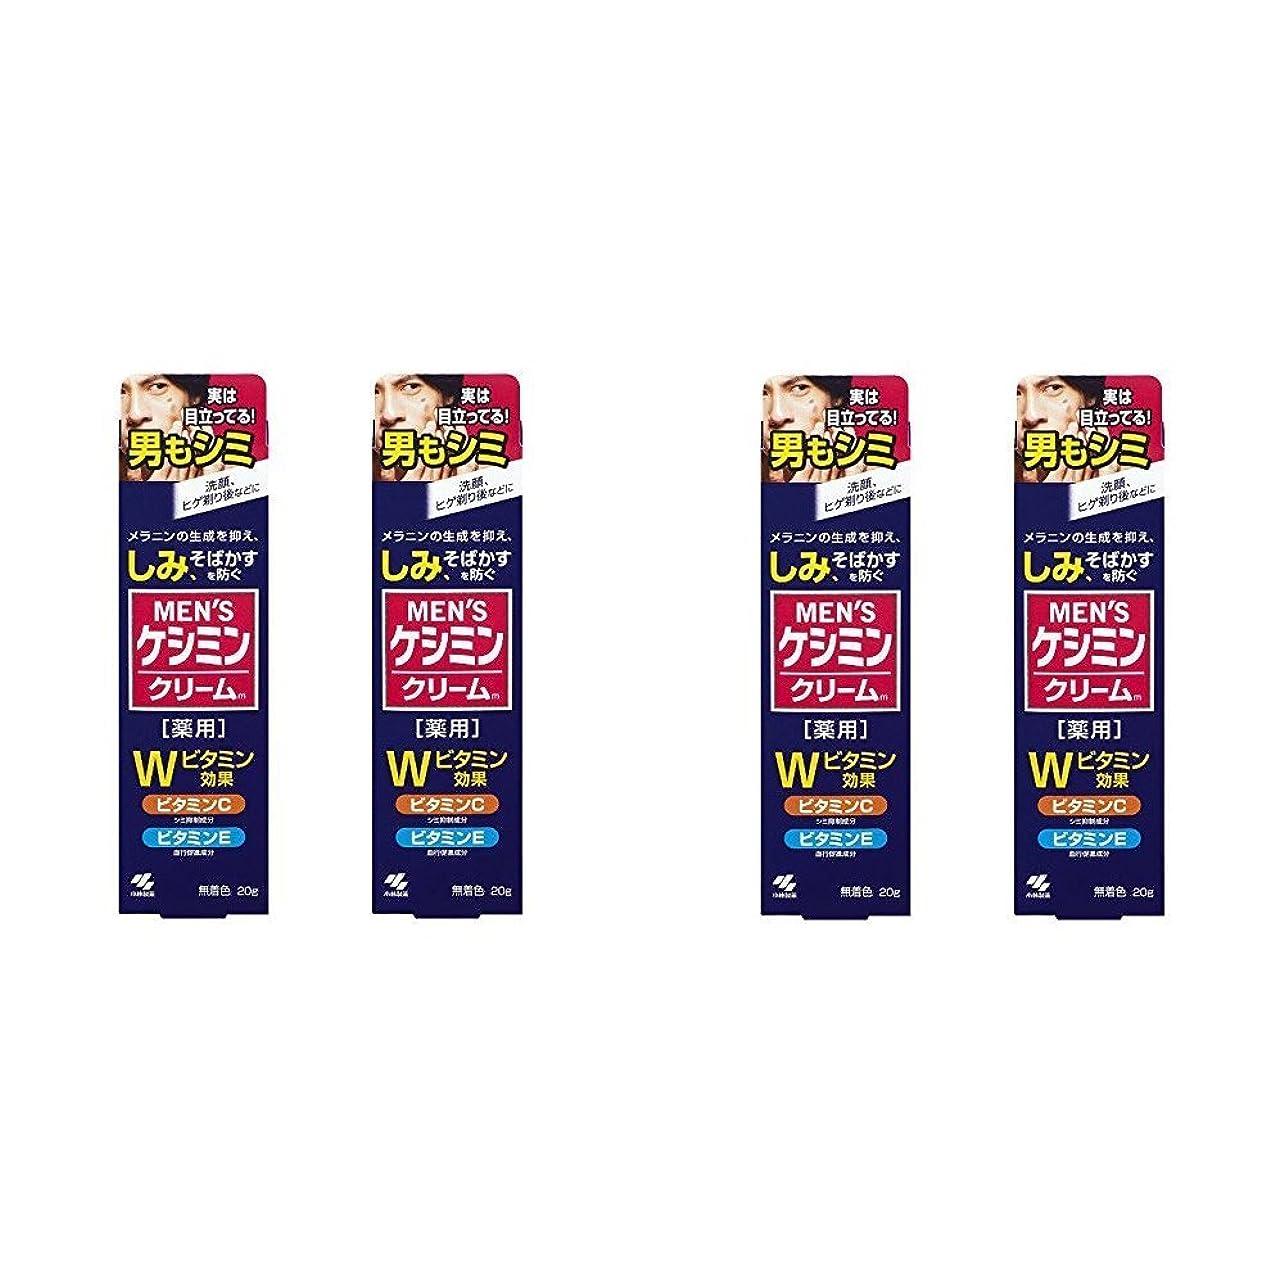 内部案件案件【セット品】メンズケシミンクリーム 男のシミ対策 20g (4個)